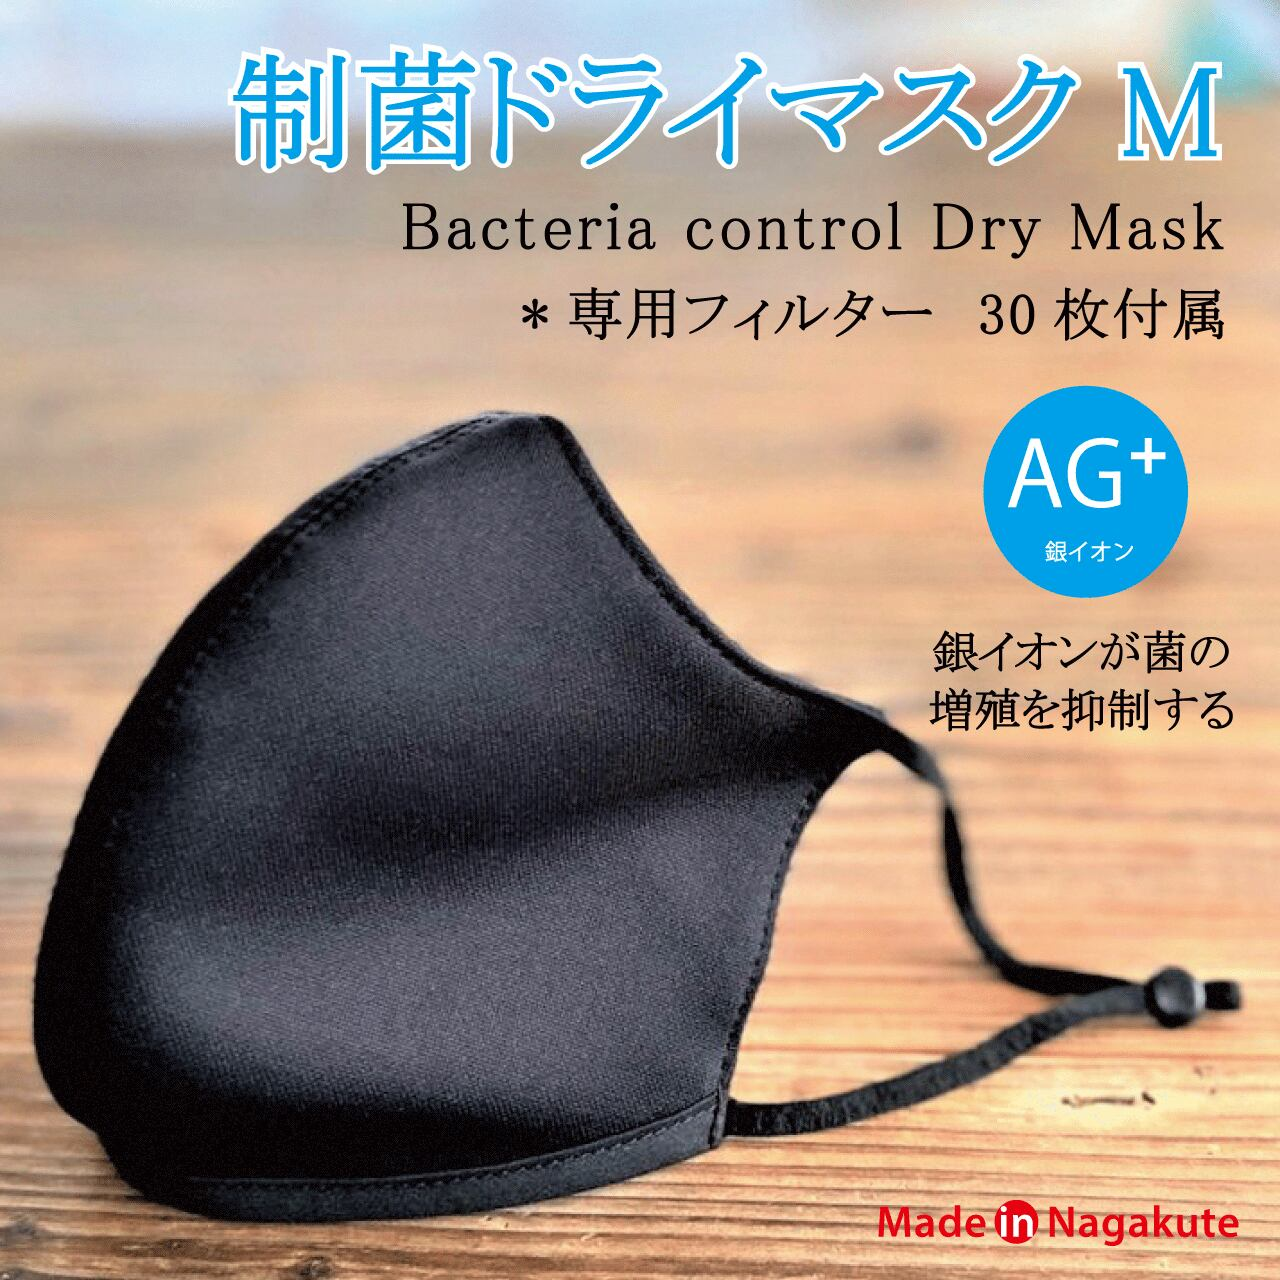 制菌ドライマスク / M size / MONOBLACK / 30枚高機能フィルター付